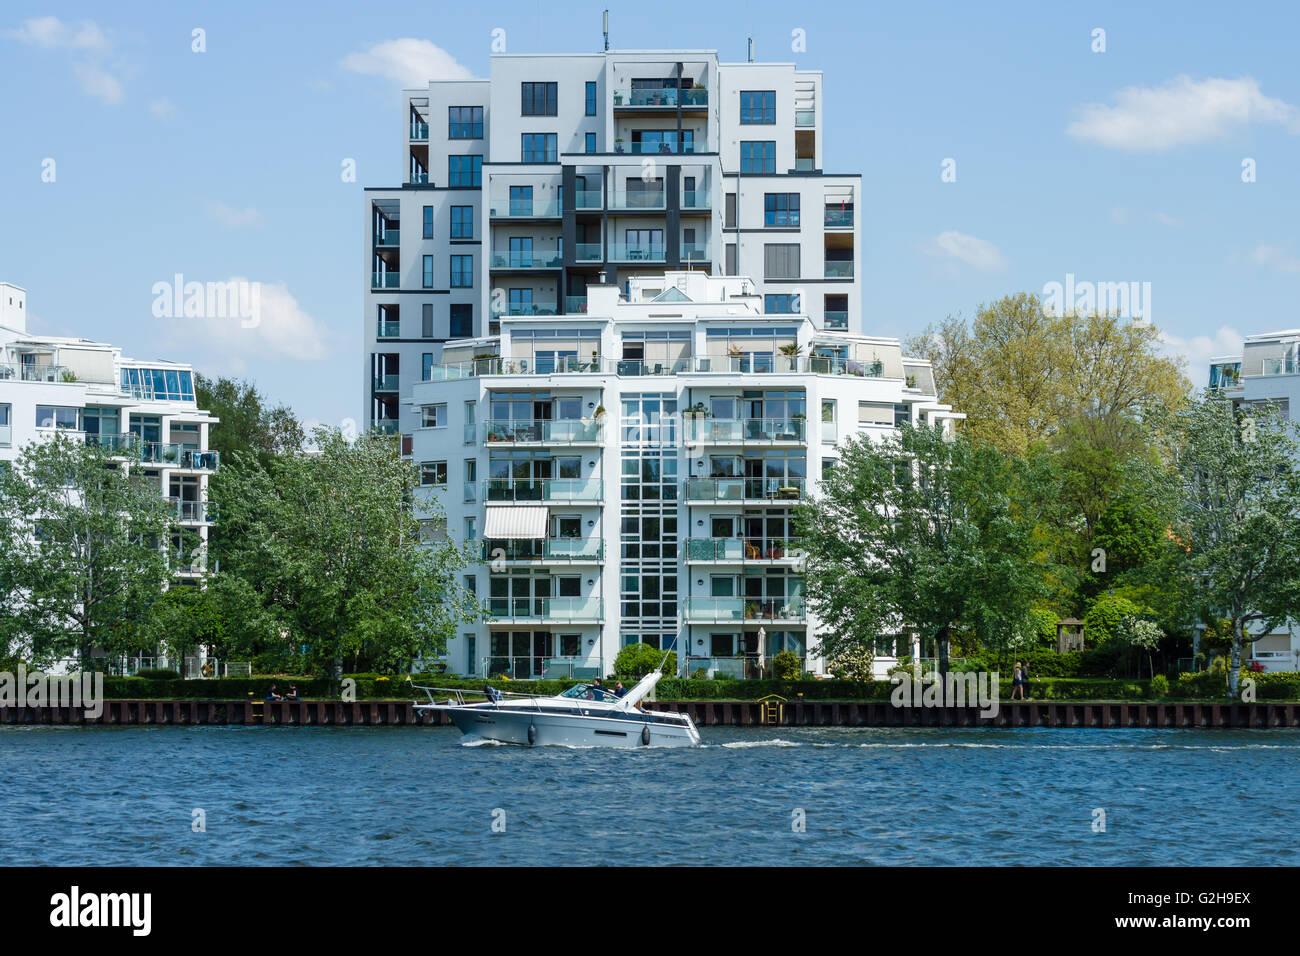 Luxury Hotel Croydon